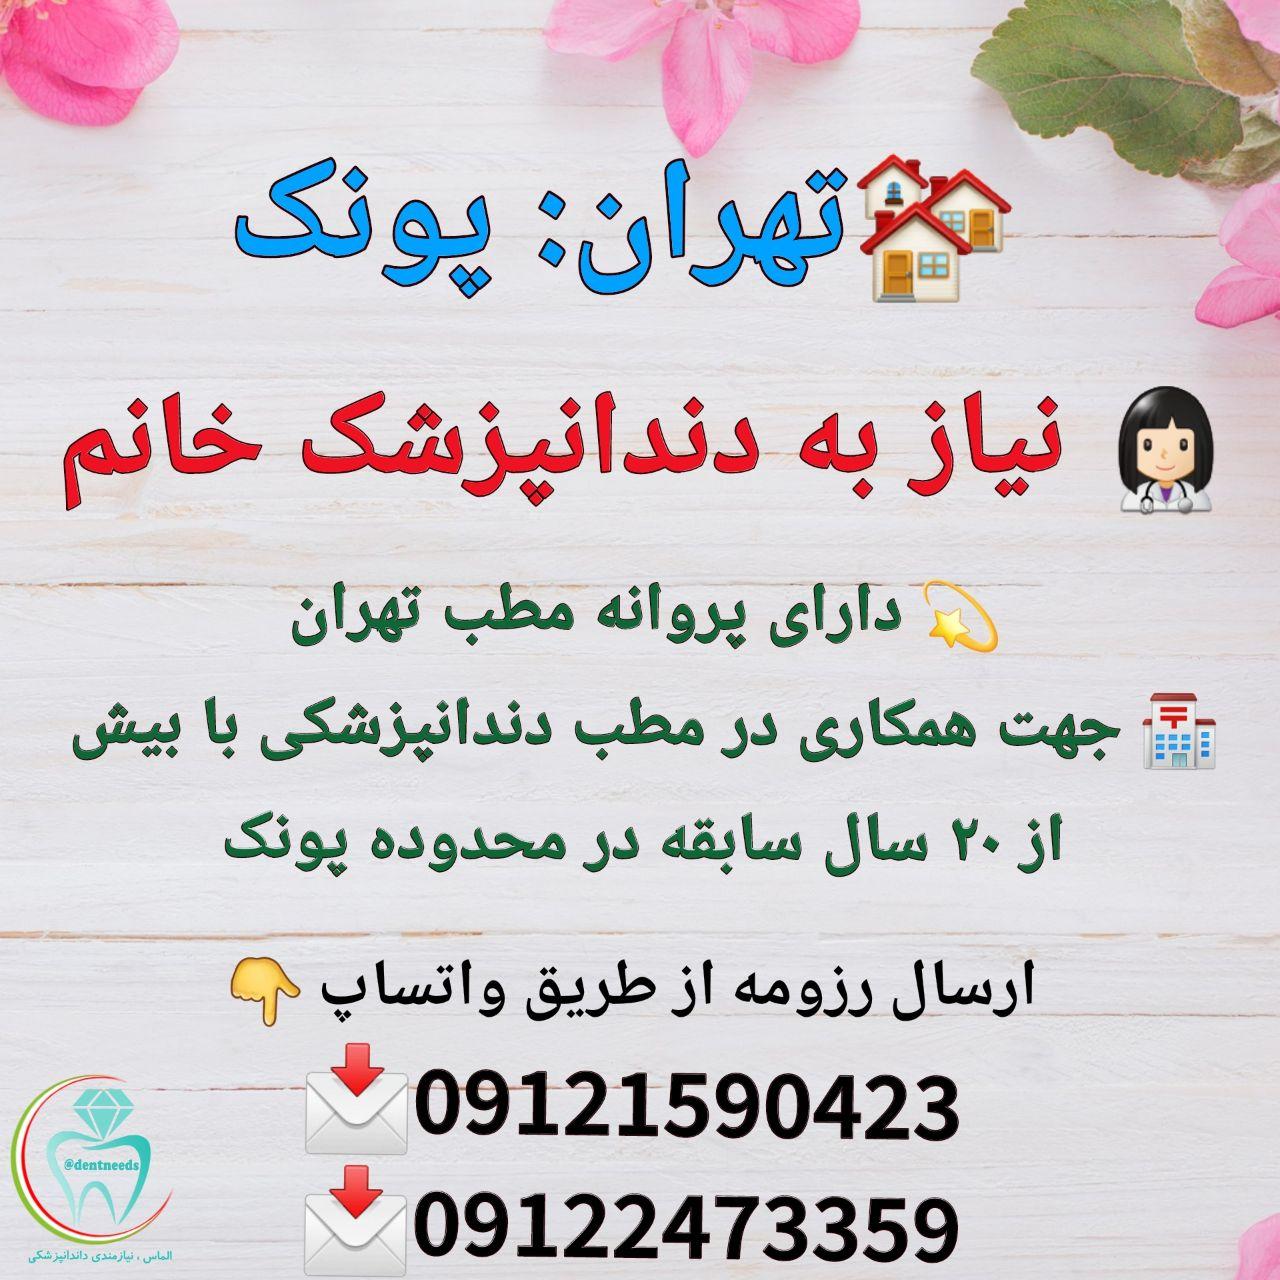 تهران: پونک، نیاز به دندانپزشک خانم